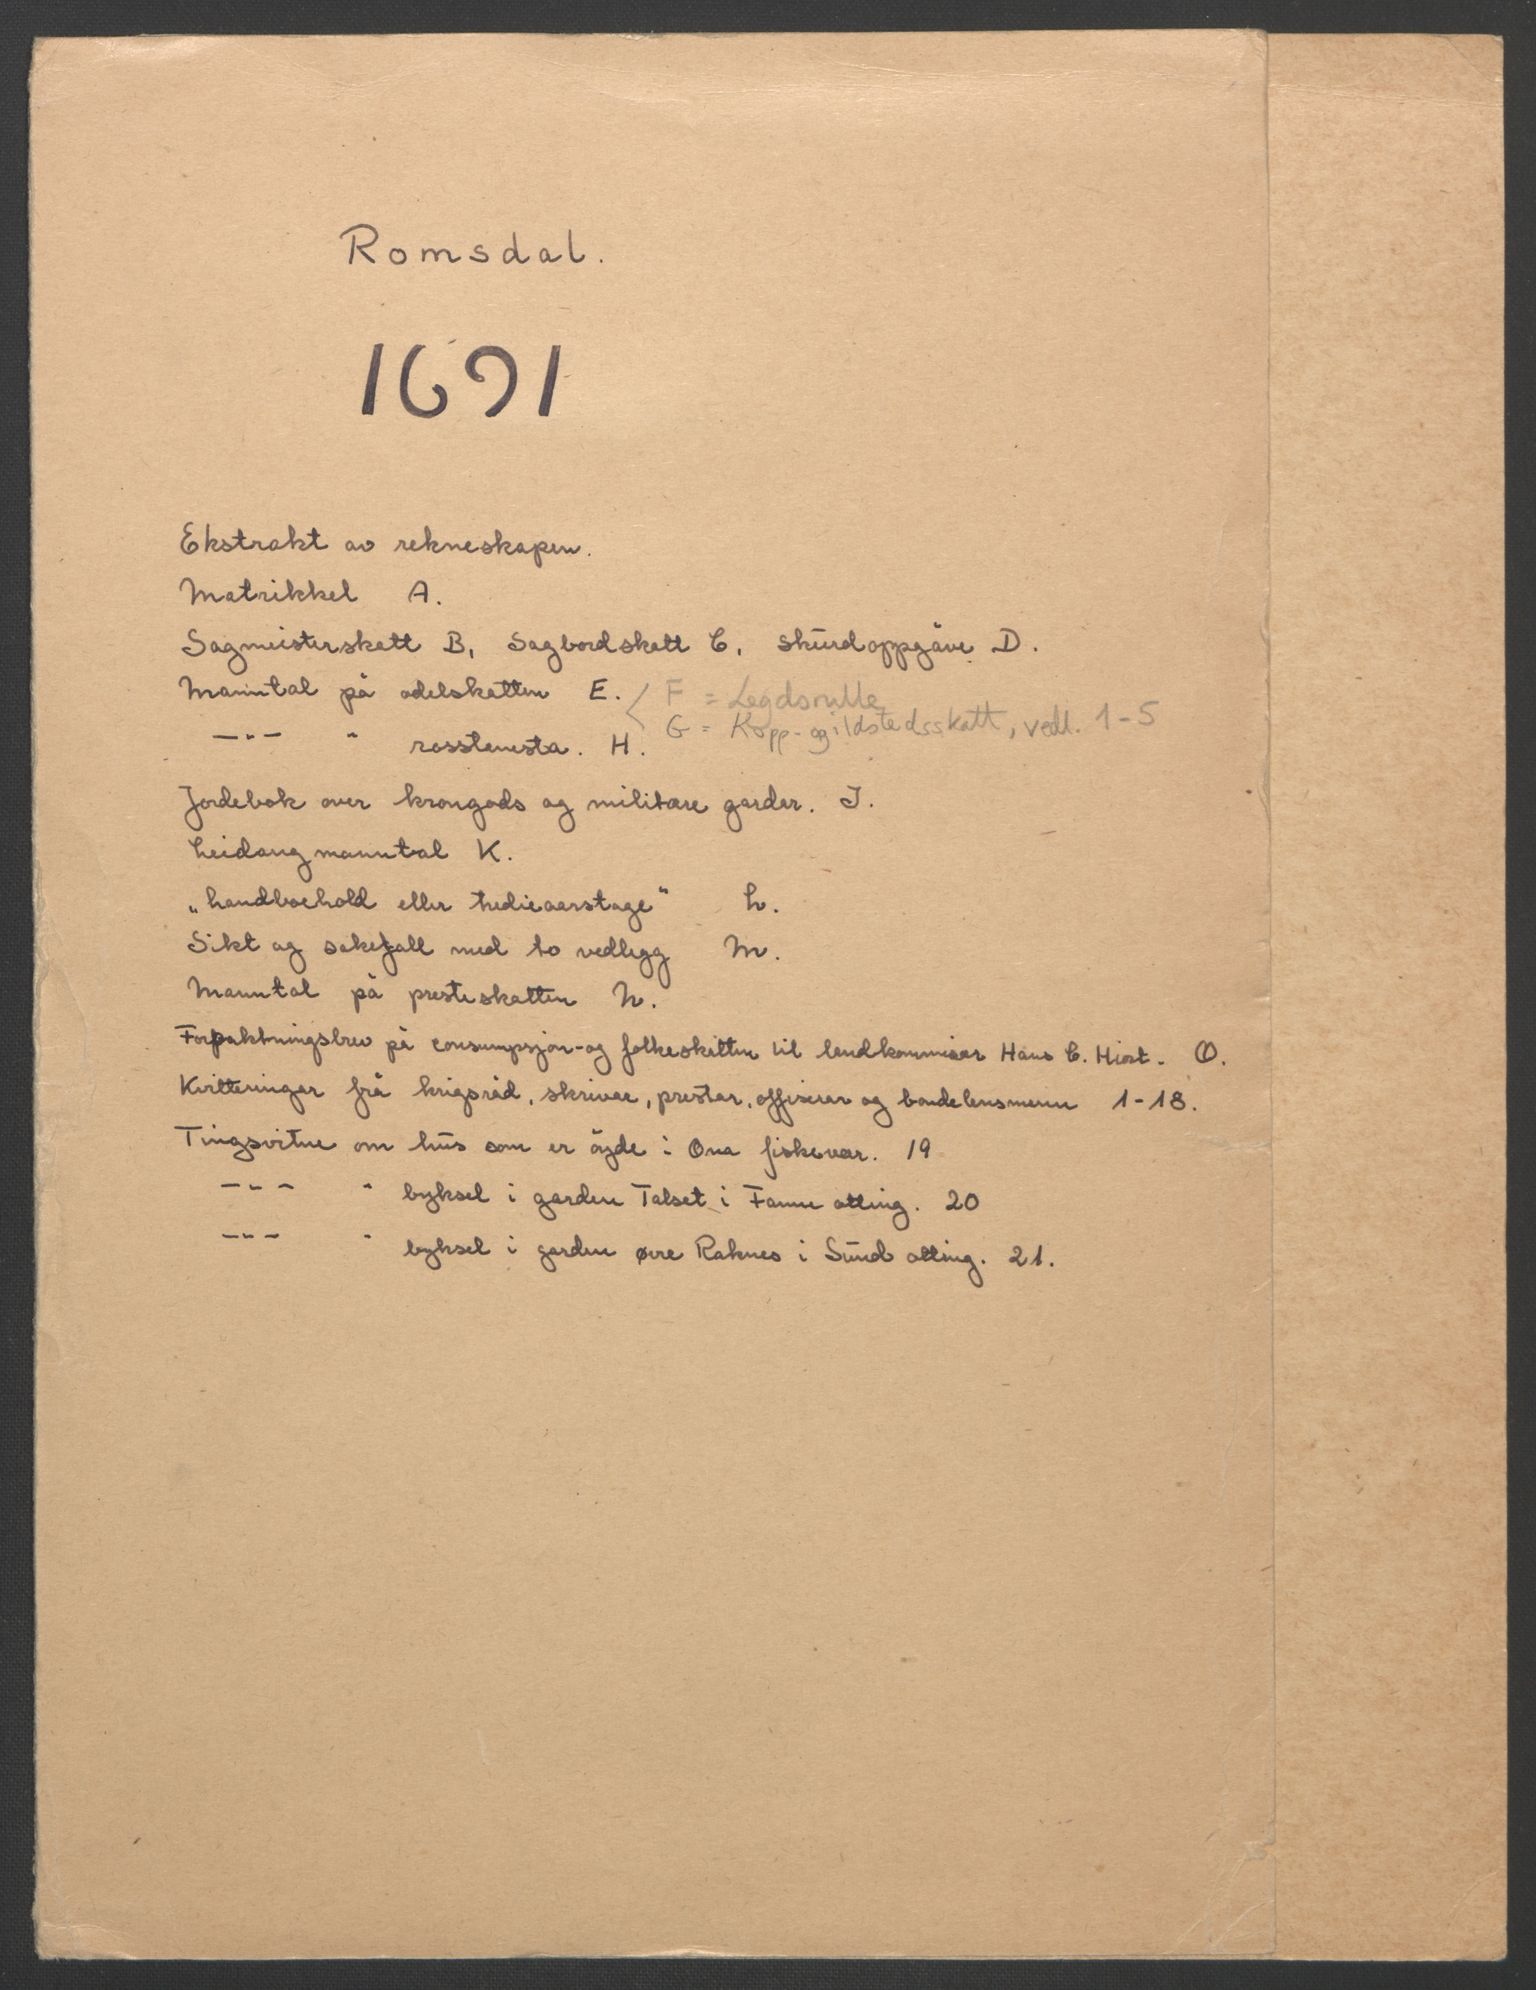 RA, Rentekammeret inntil 1814, Reviderte regnskaper, Fogderegnskap, R55/L3649: Fogderegnskap Romsdal, 1690-1691, s. 191